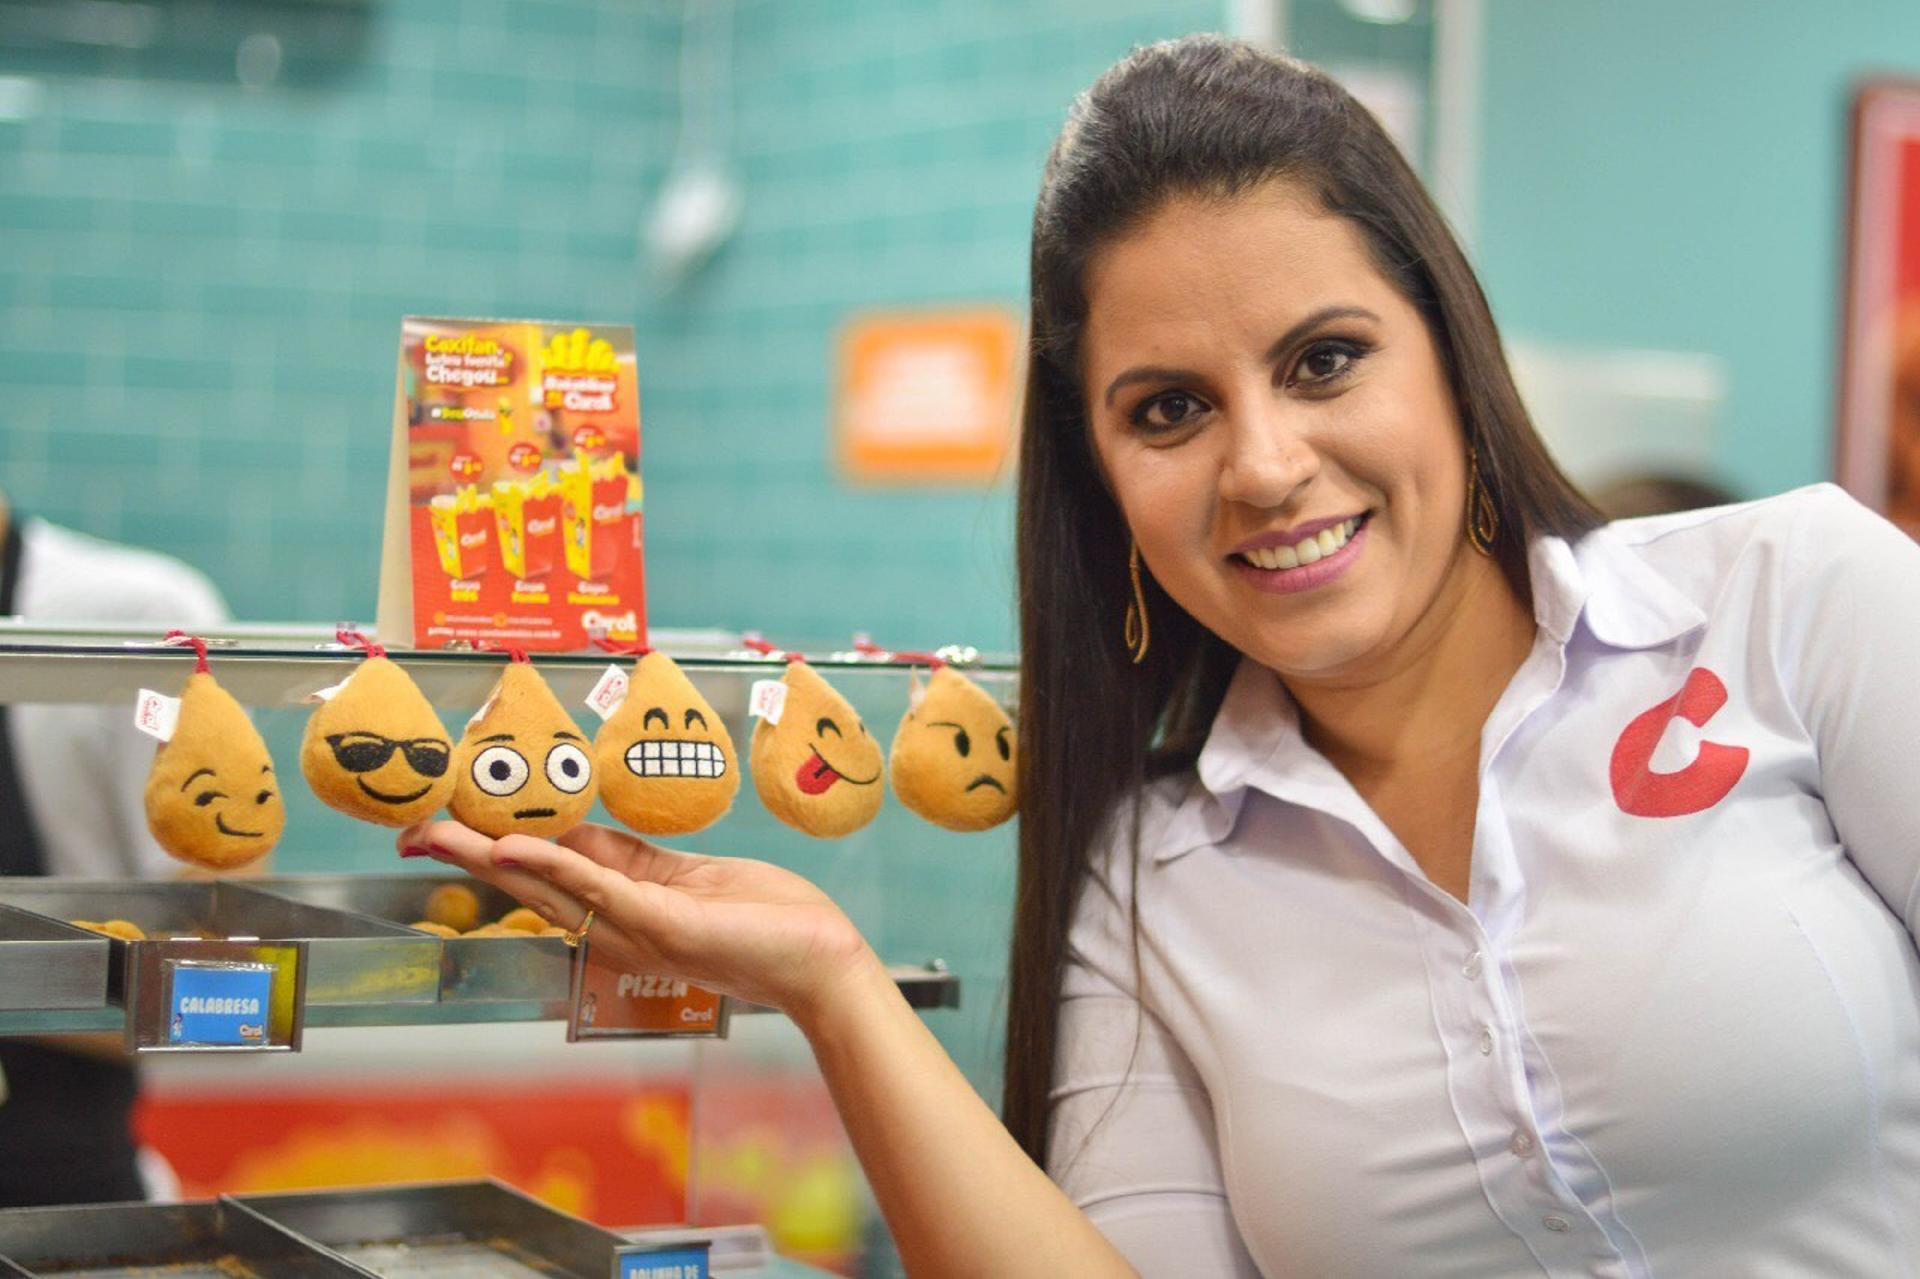 d761e3905 A história da mulher que fatura R  15 milhões vendendo coxinha no copo -  22 02 2019 - UOL Universa